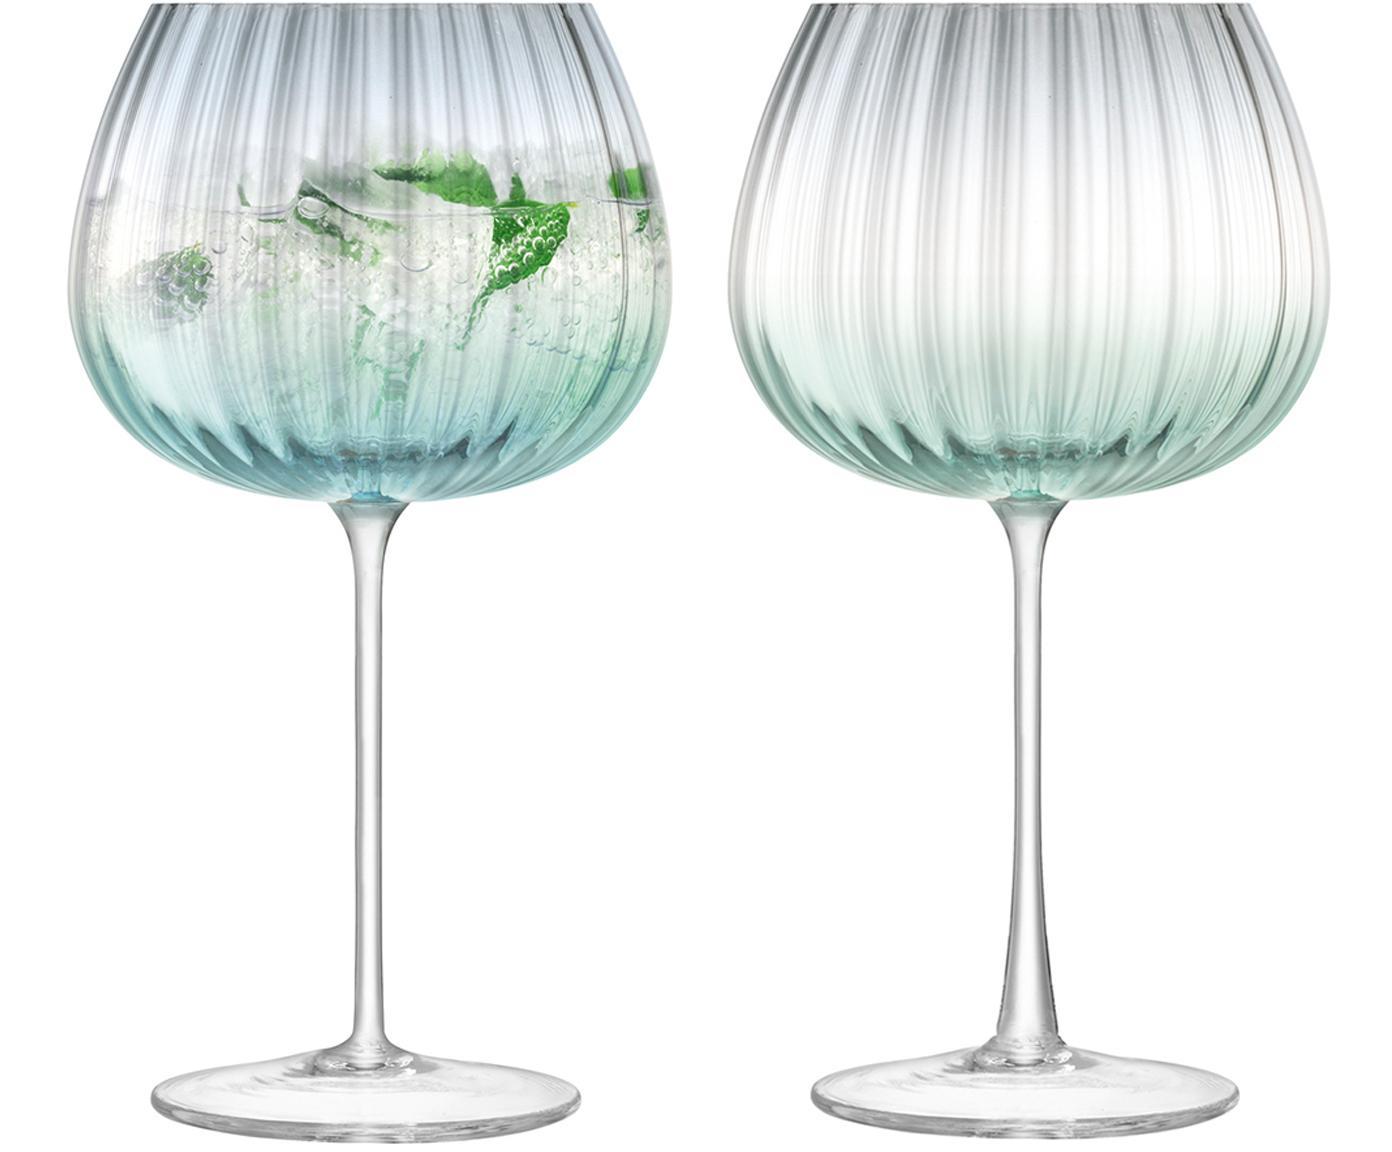 Copas de vino artesanales Dusk, 2uds., Vidrio, Verde, gris, Ø 10 x Al 20 cm